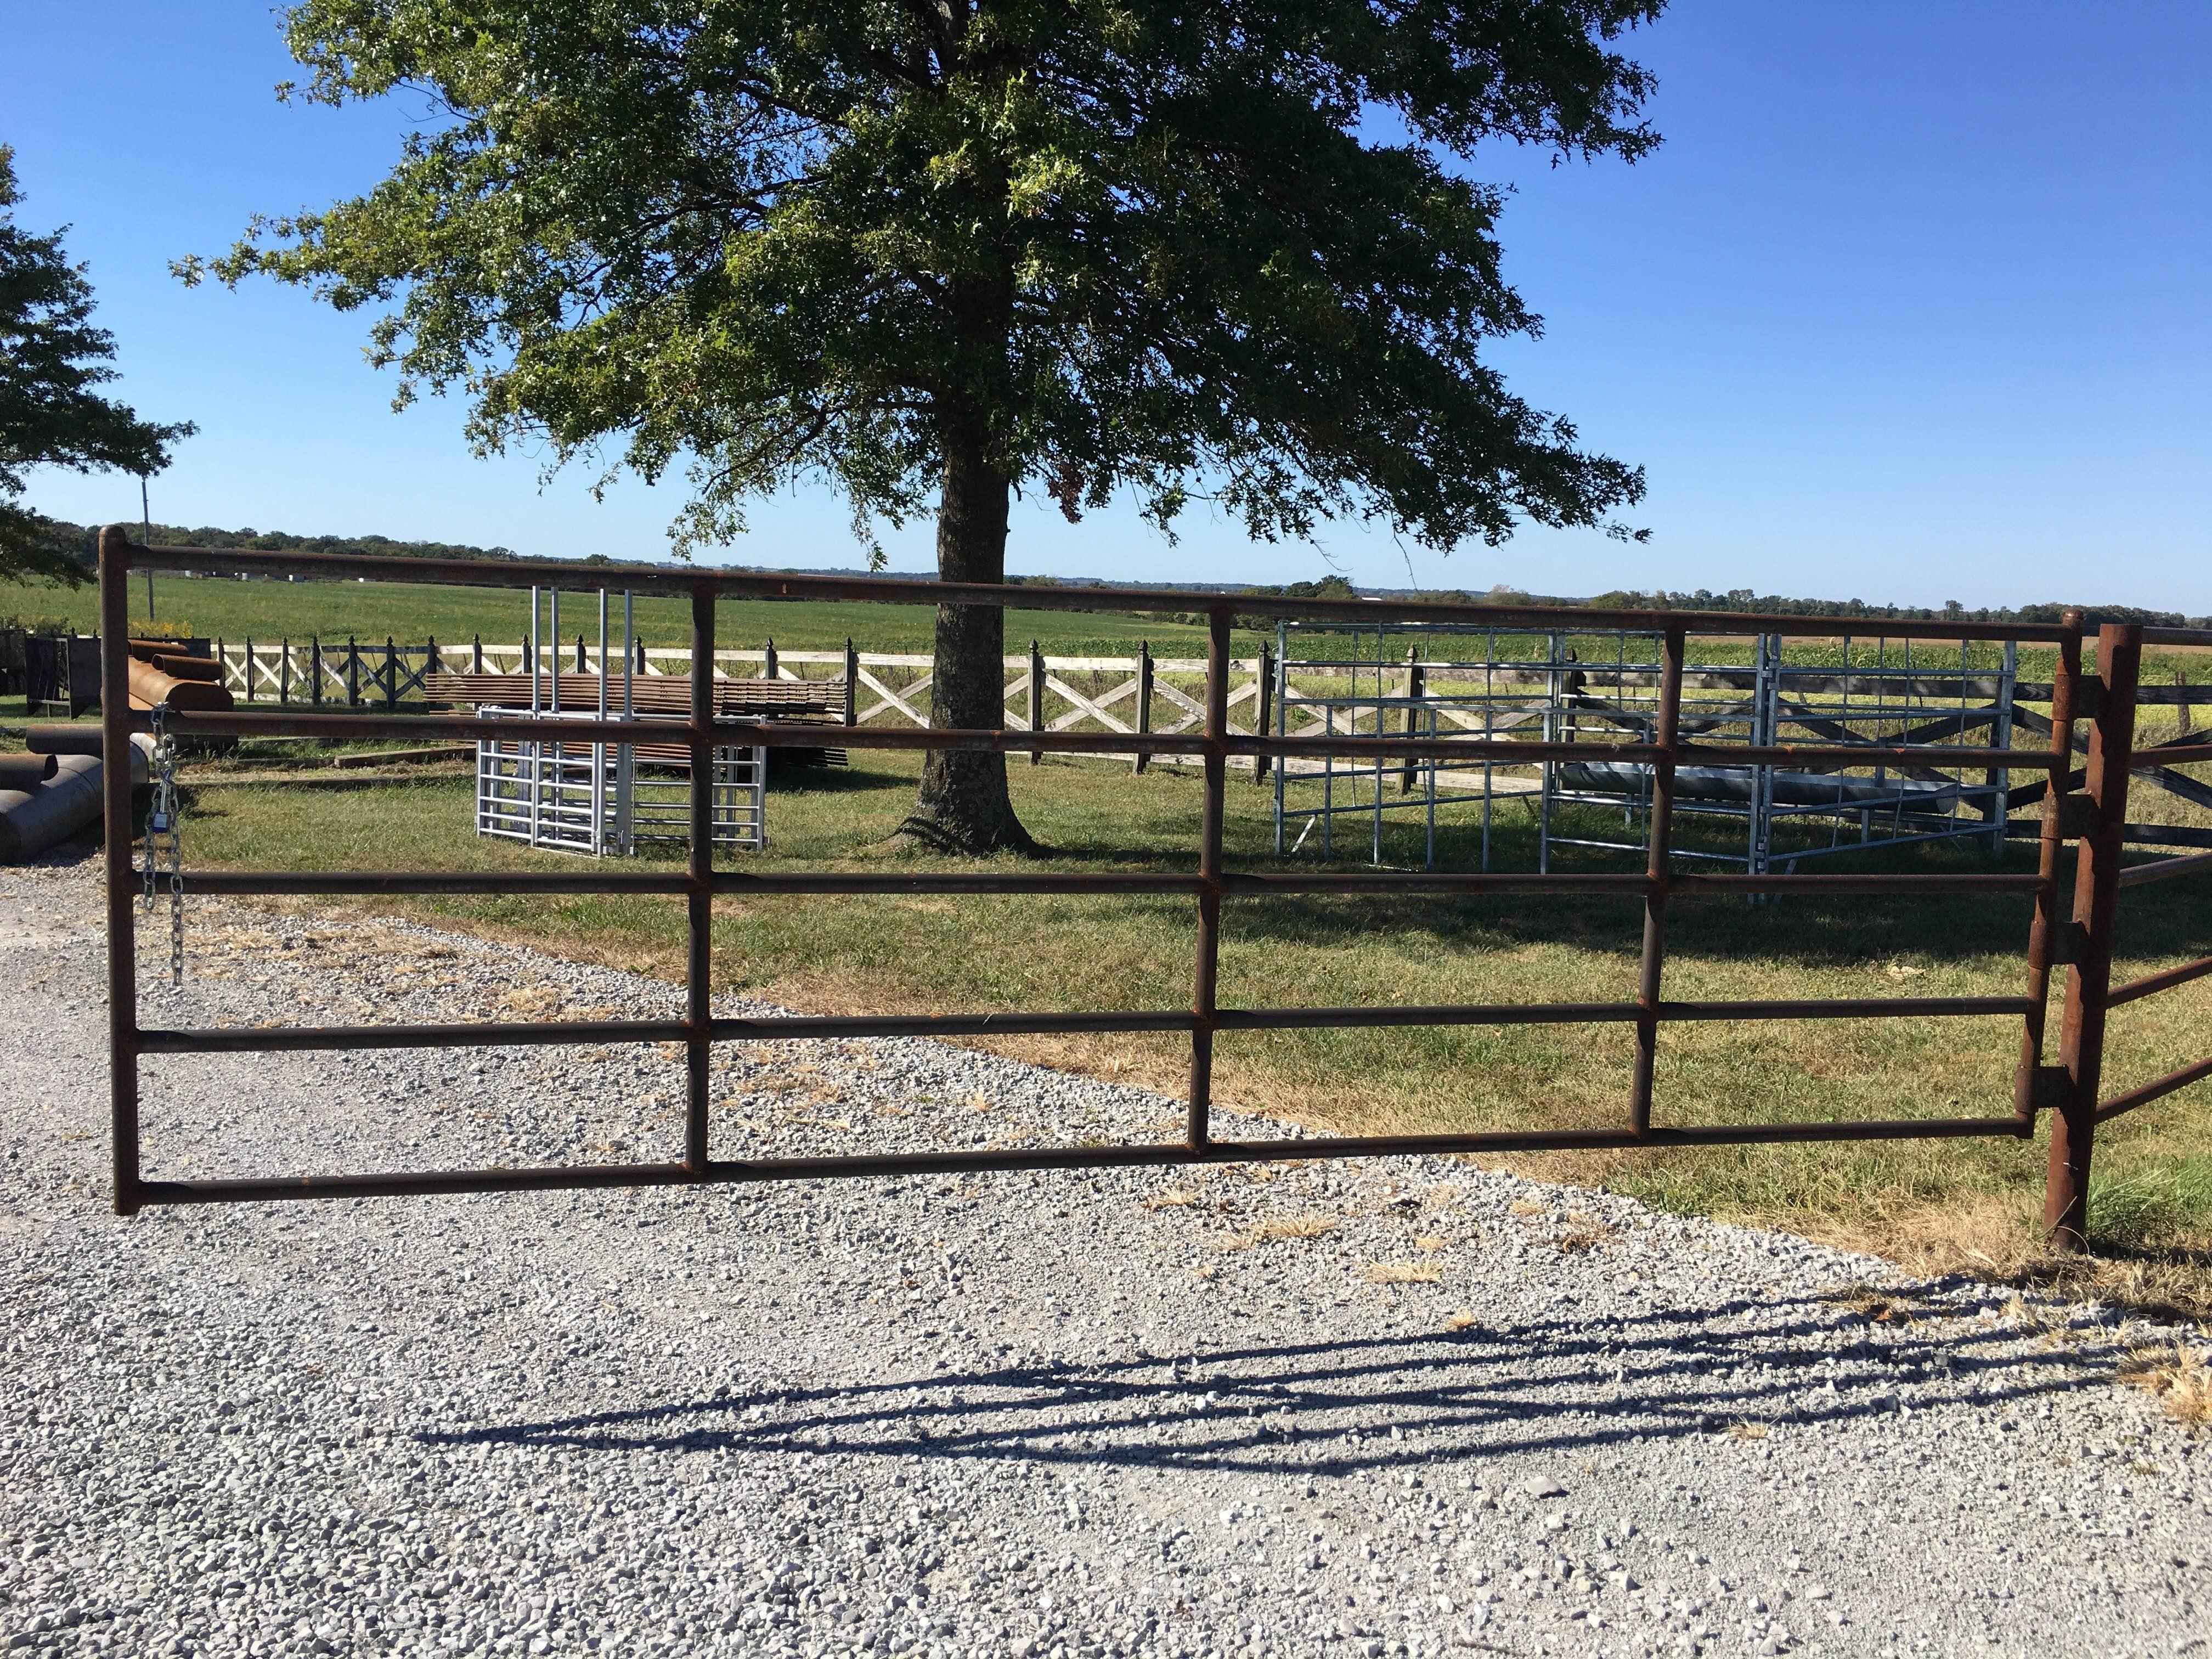 14' 5 bar corral gate